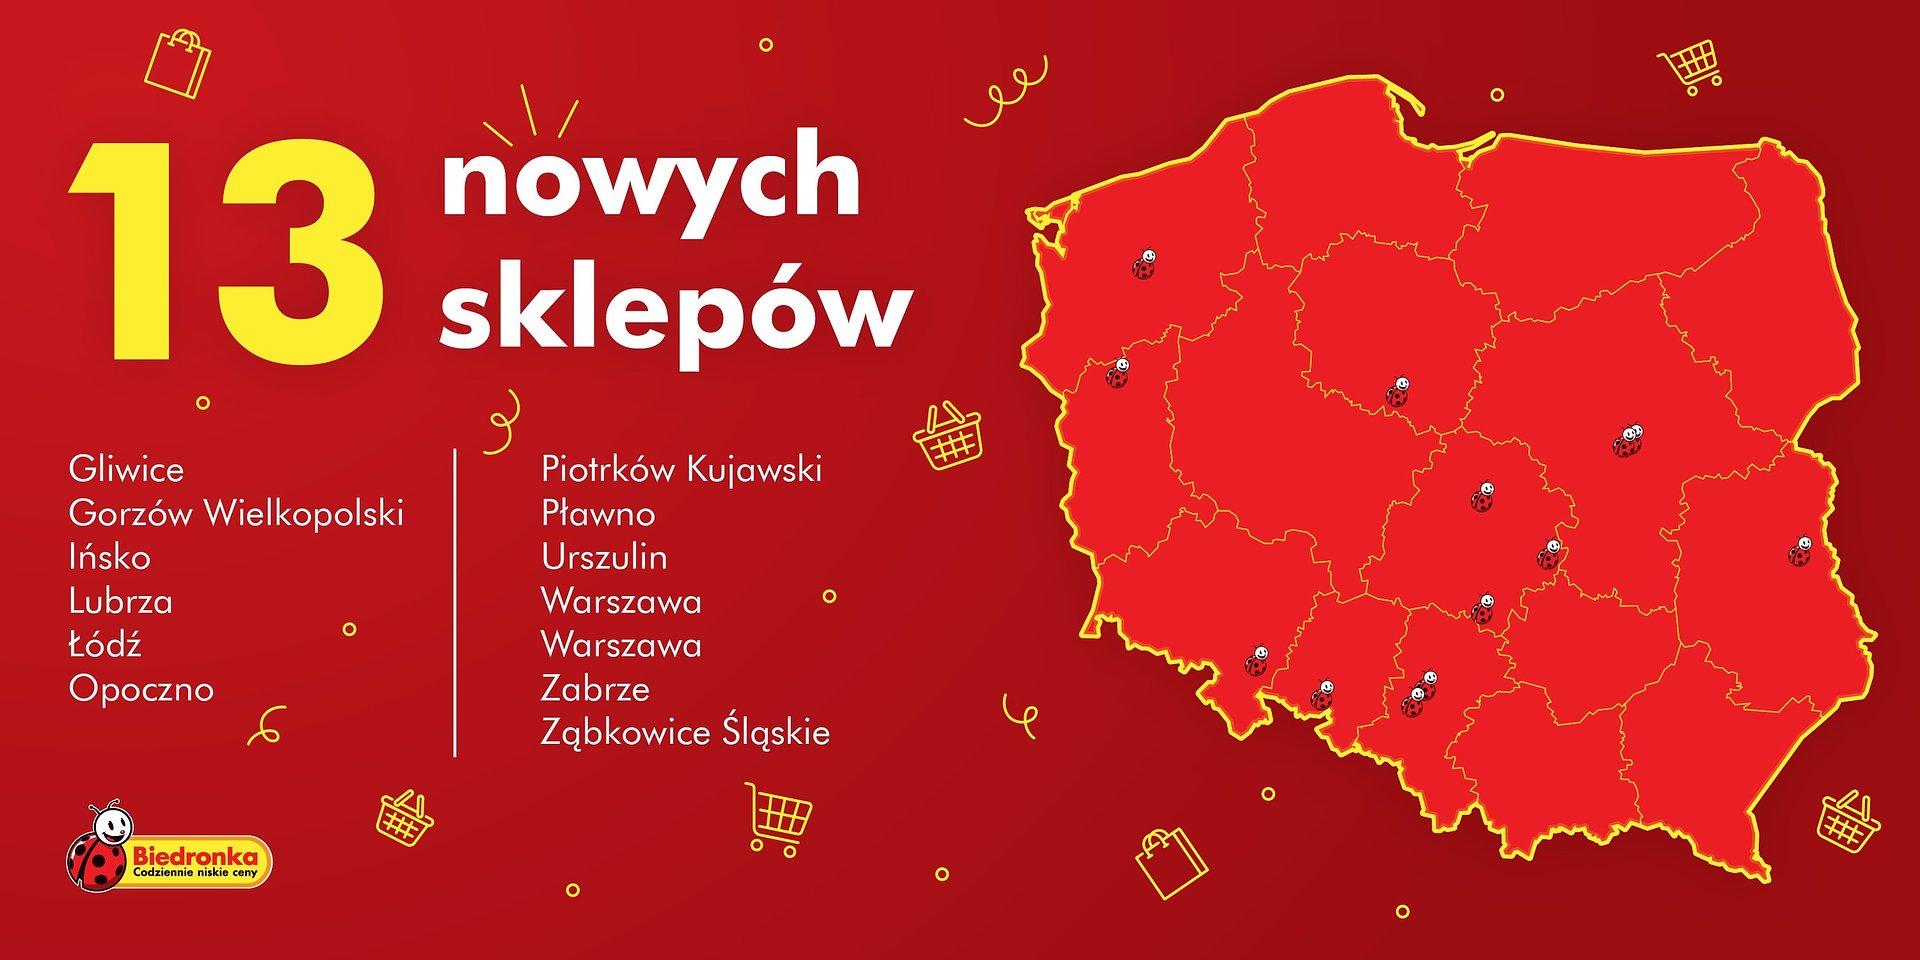 Jeszcze przed 1 listopada Biedronka otwiera ponad tuzin nowych sklepów